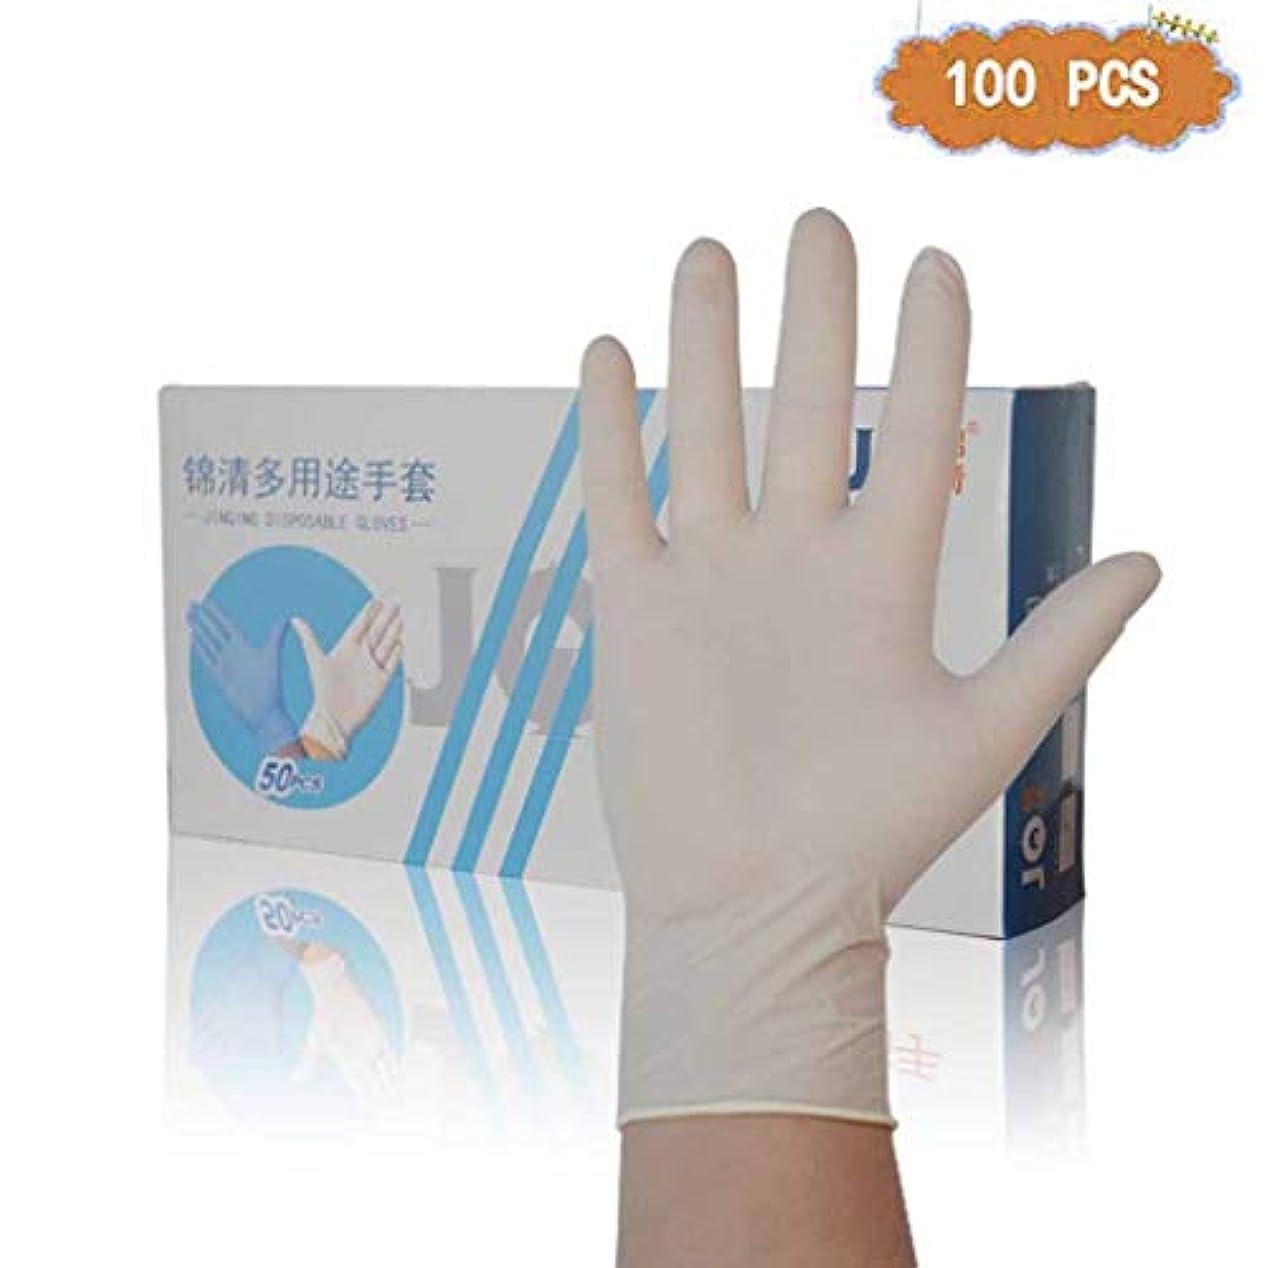 牛裁量信号白いラテックス使い捨て手袋食品ケータリングニトリルゴムクリーニング帯電防止テストゴム義務試験手袋|病院向けのプロフェッショナルグレード (Size : S)